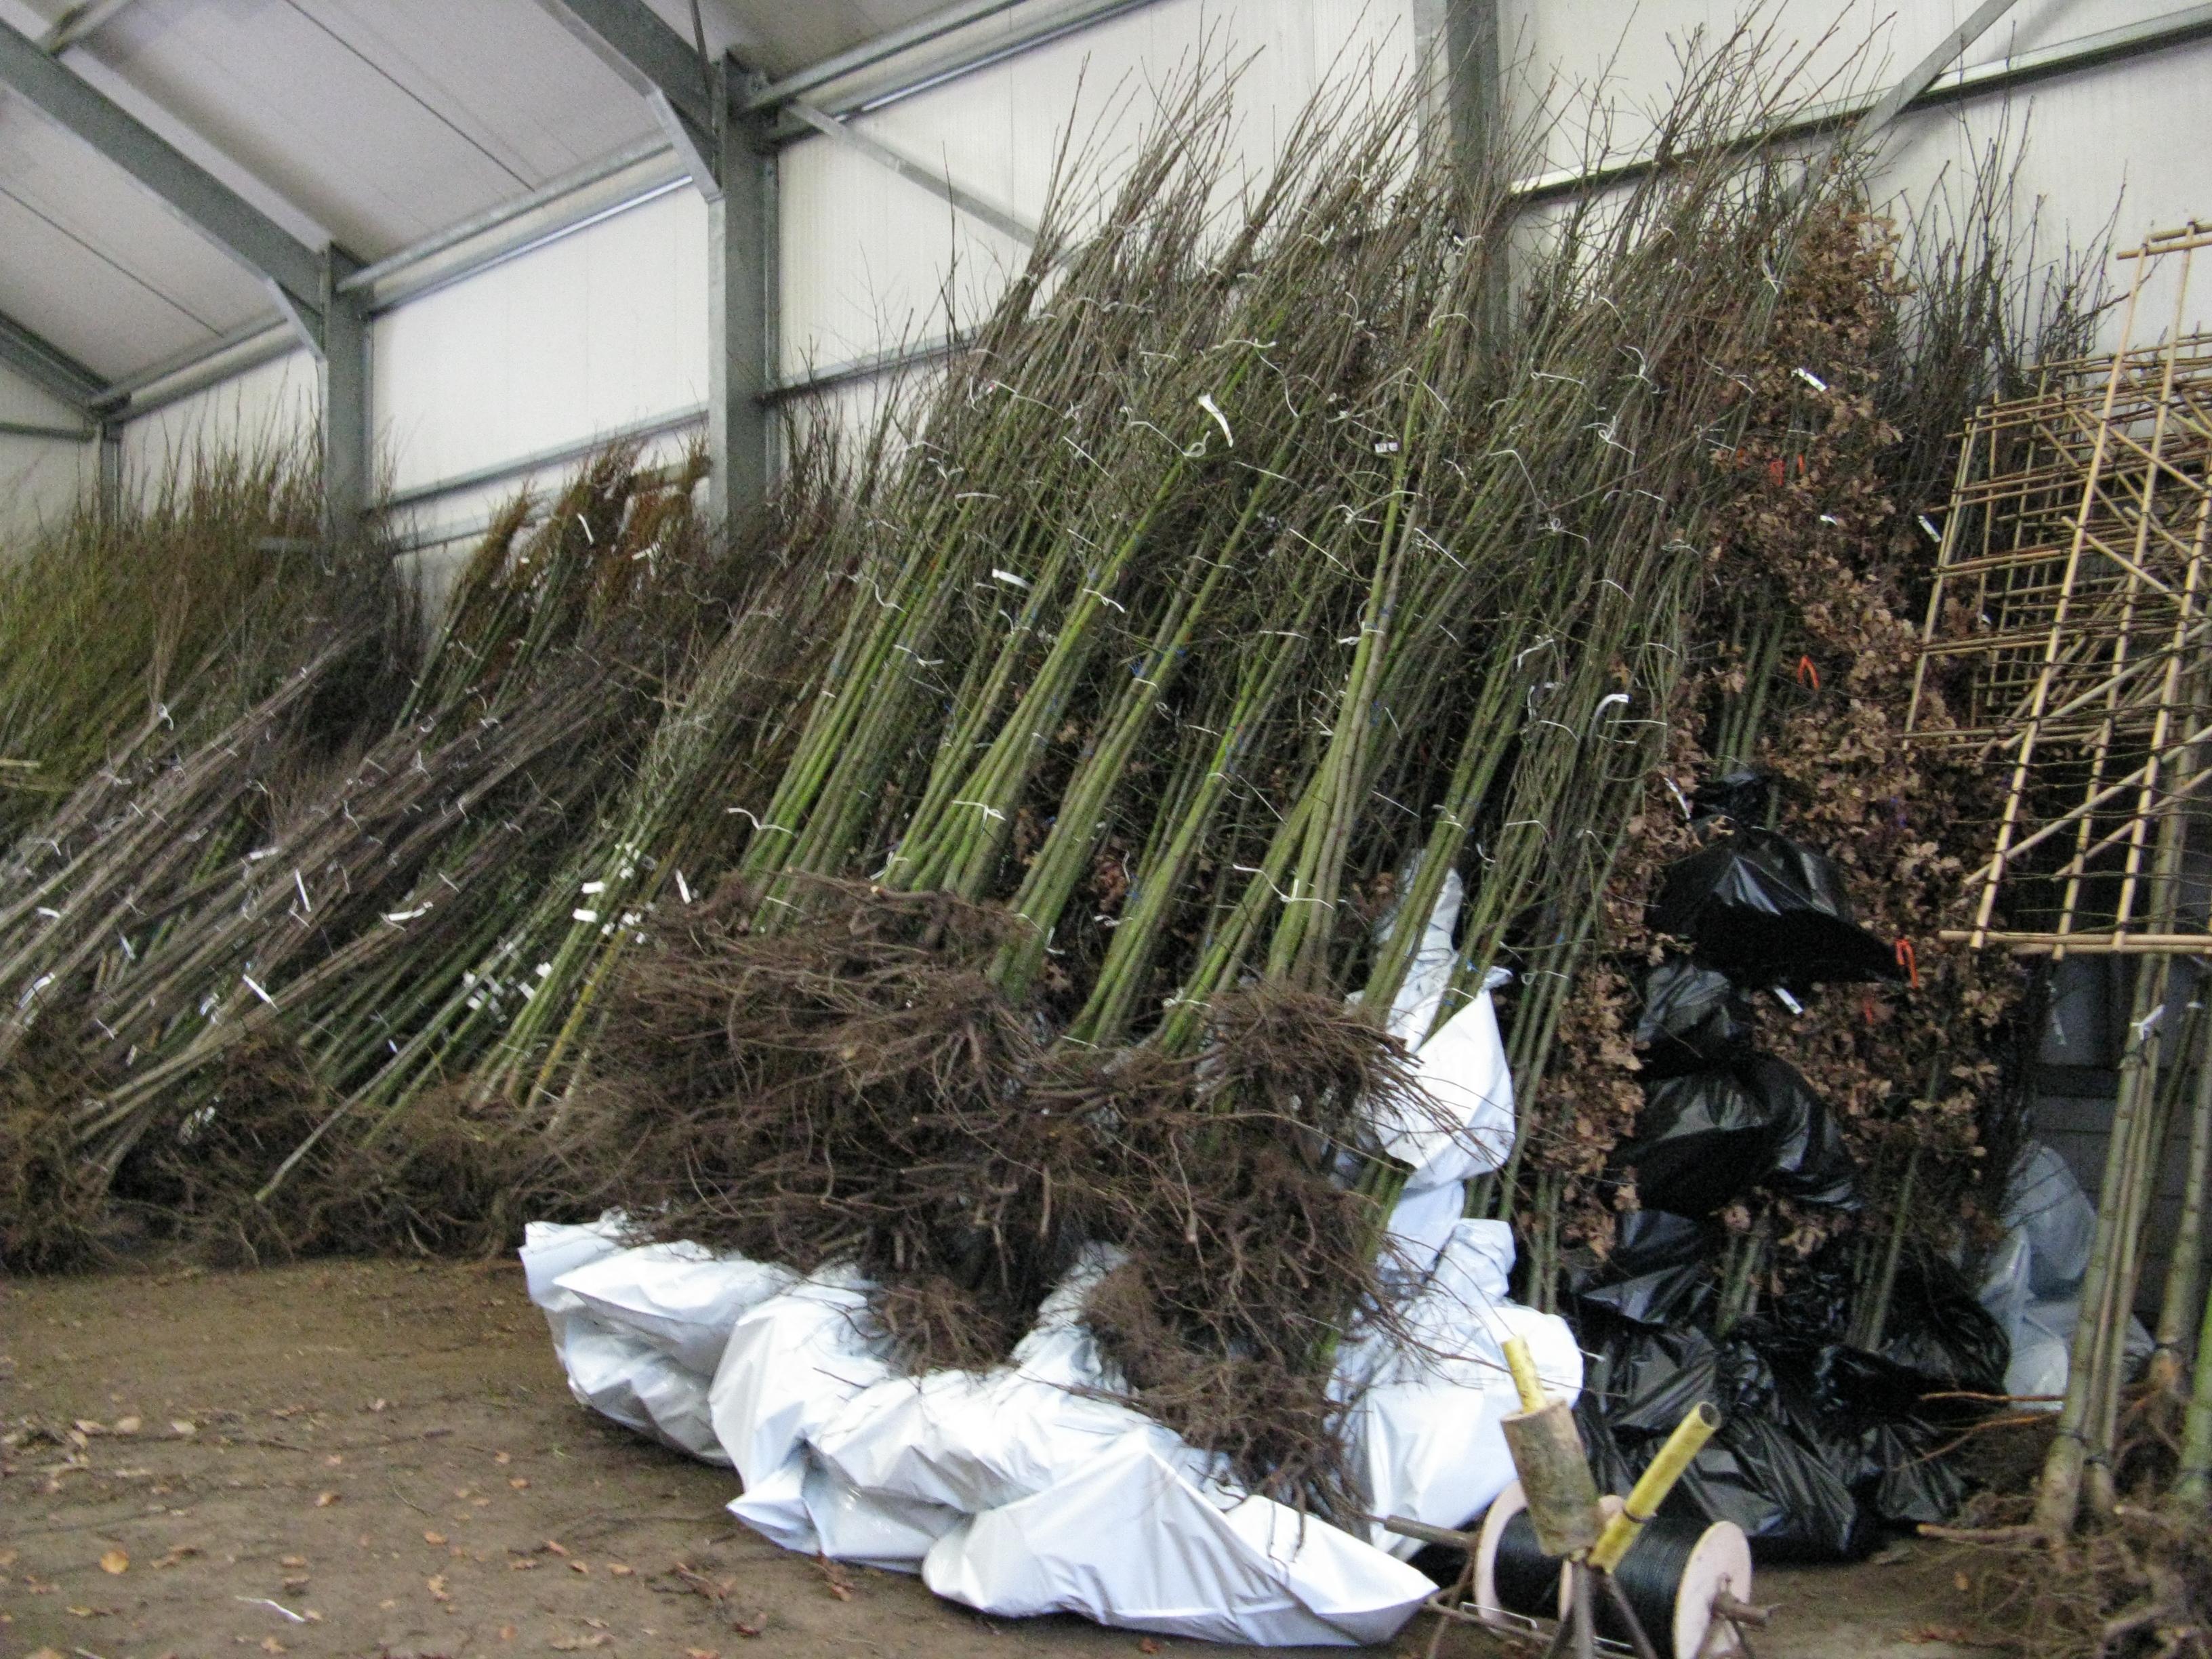 Wij zijn een boomkwekerij die oog heeft voor mens, natuur